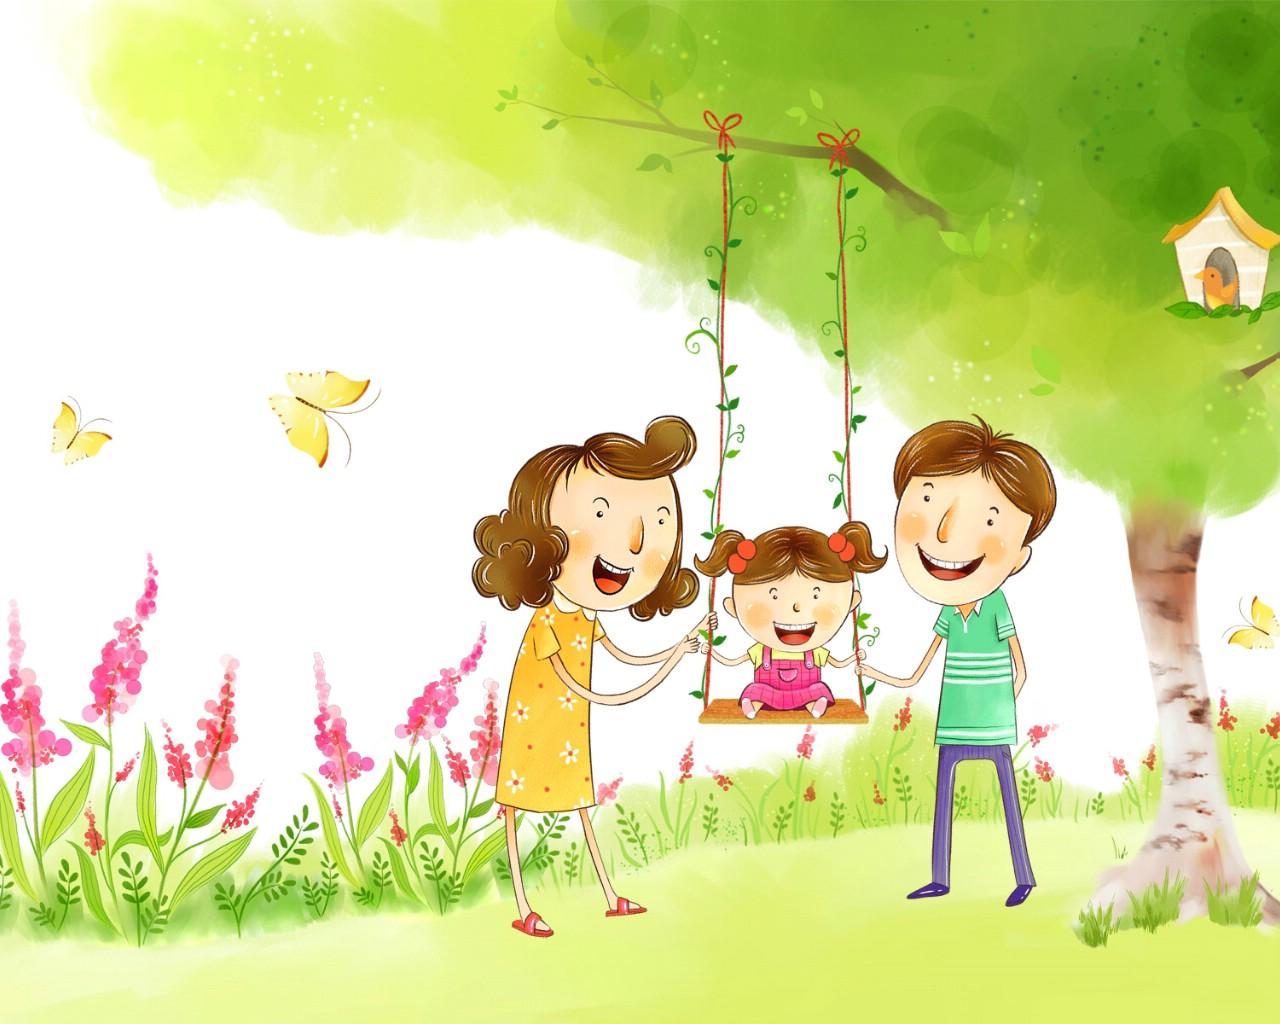 壁纸1280×1024幸福家庭 2 16壁纸 幸福家庭壁纸图片矢量